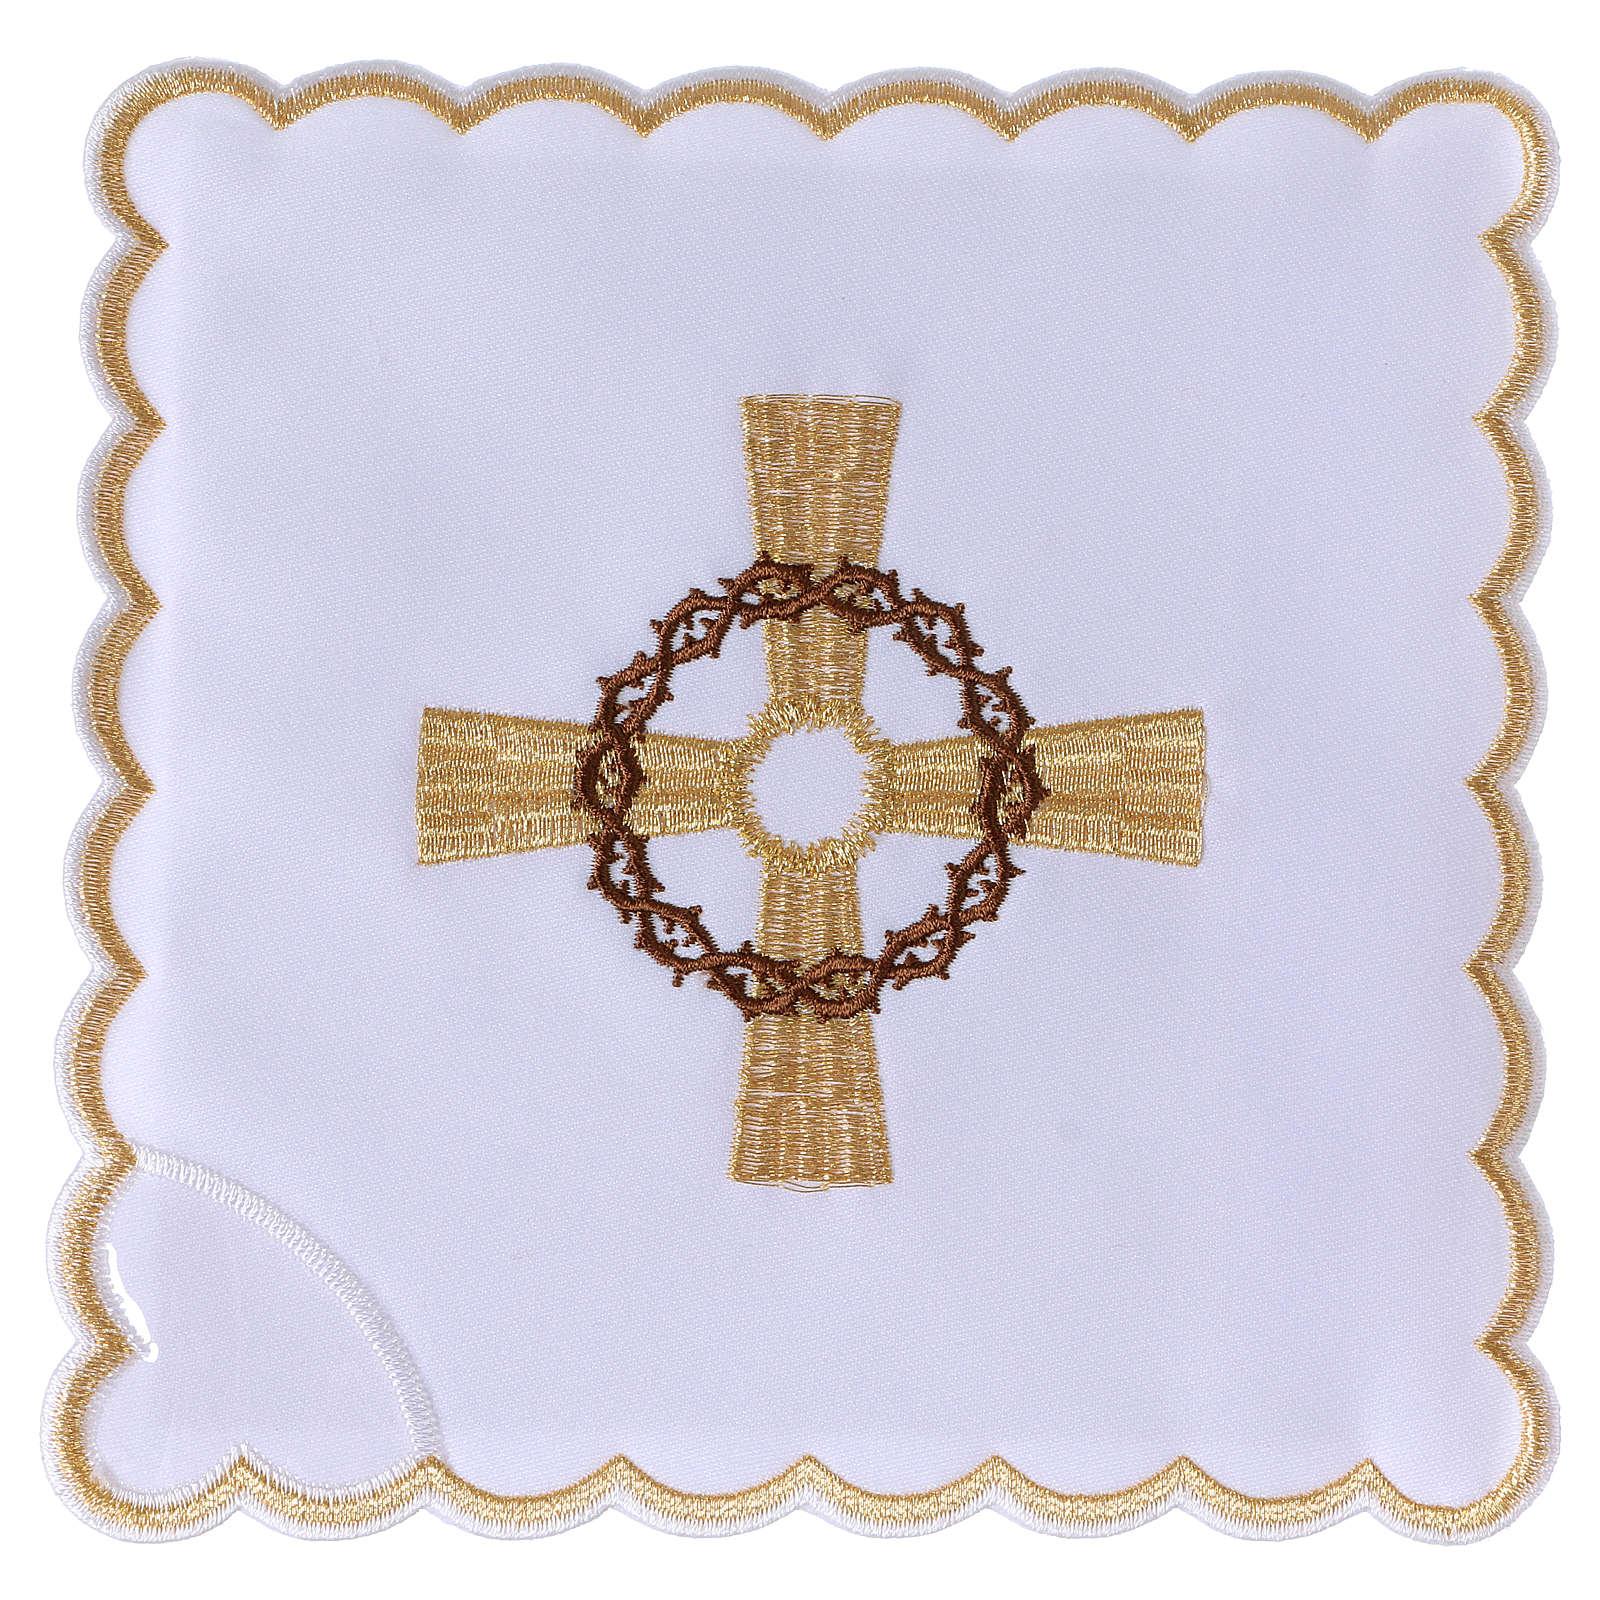 Servicio de altar algodón cruz dorada corona de espinas 4